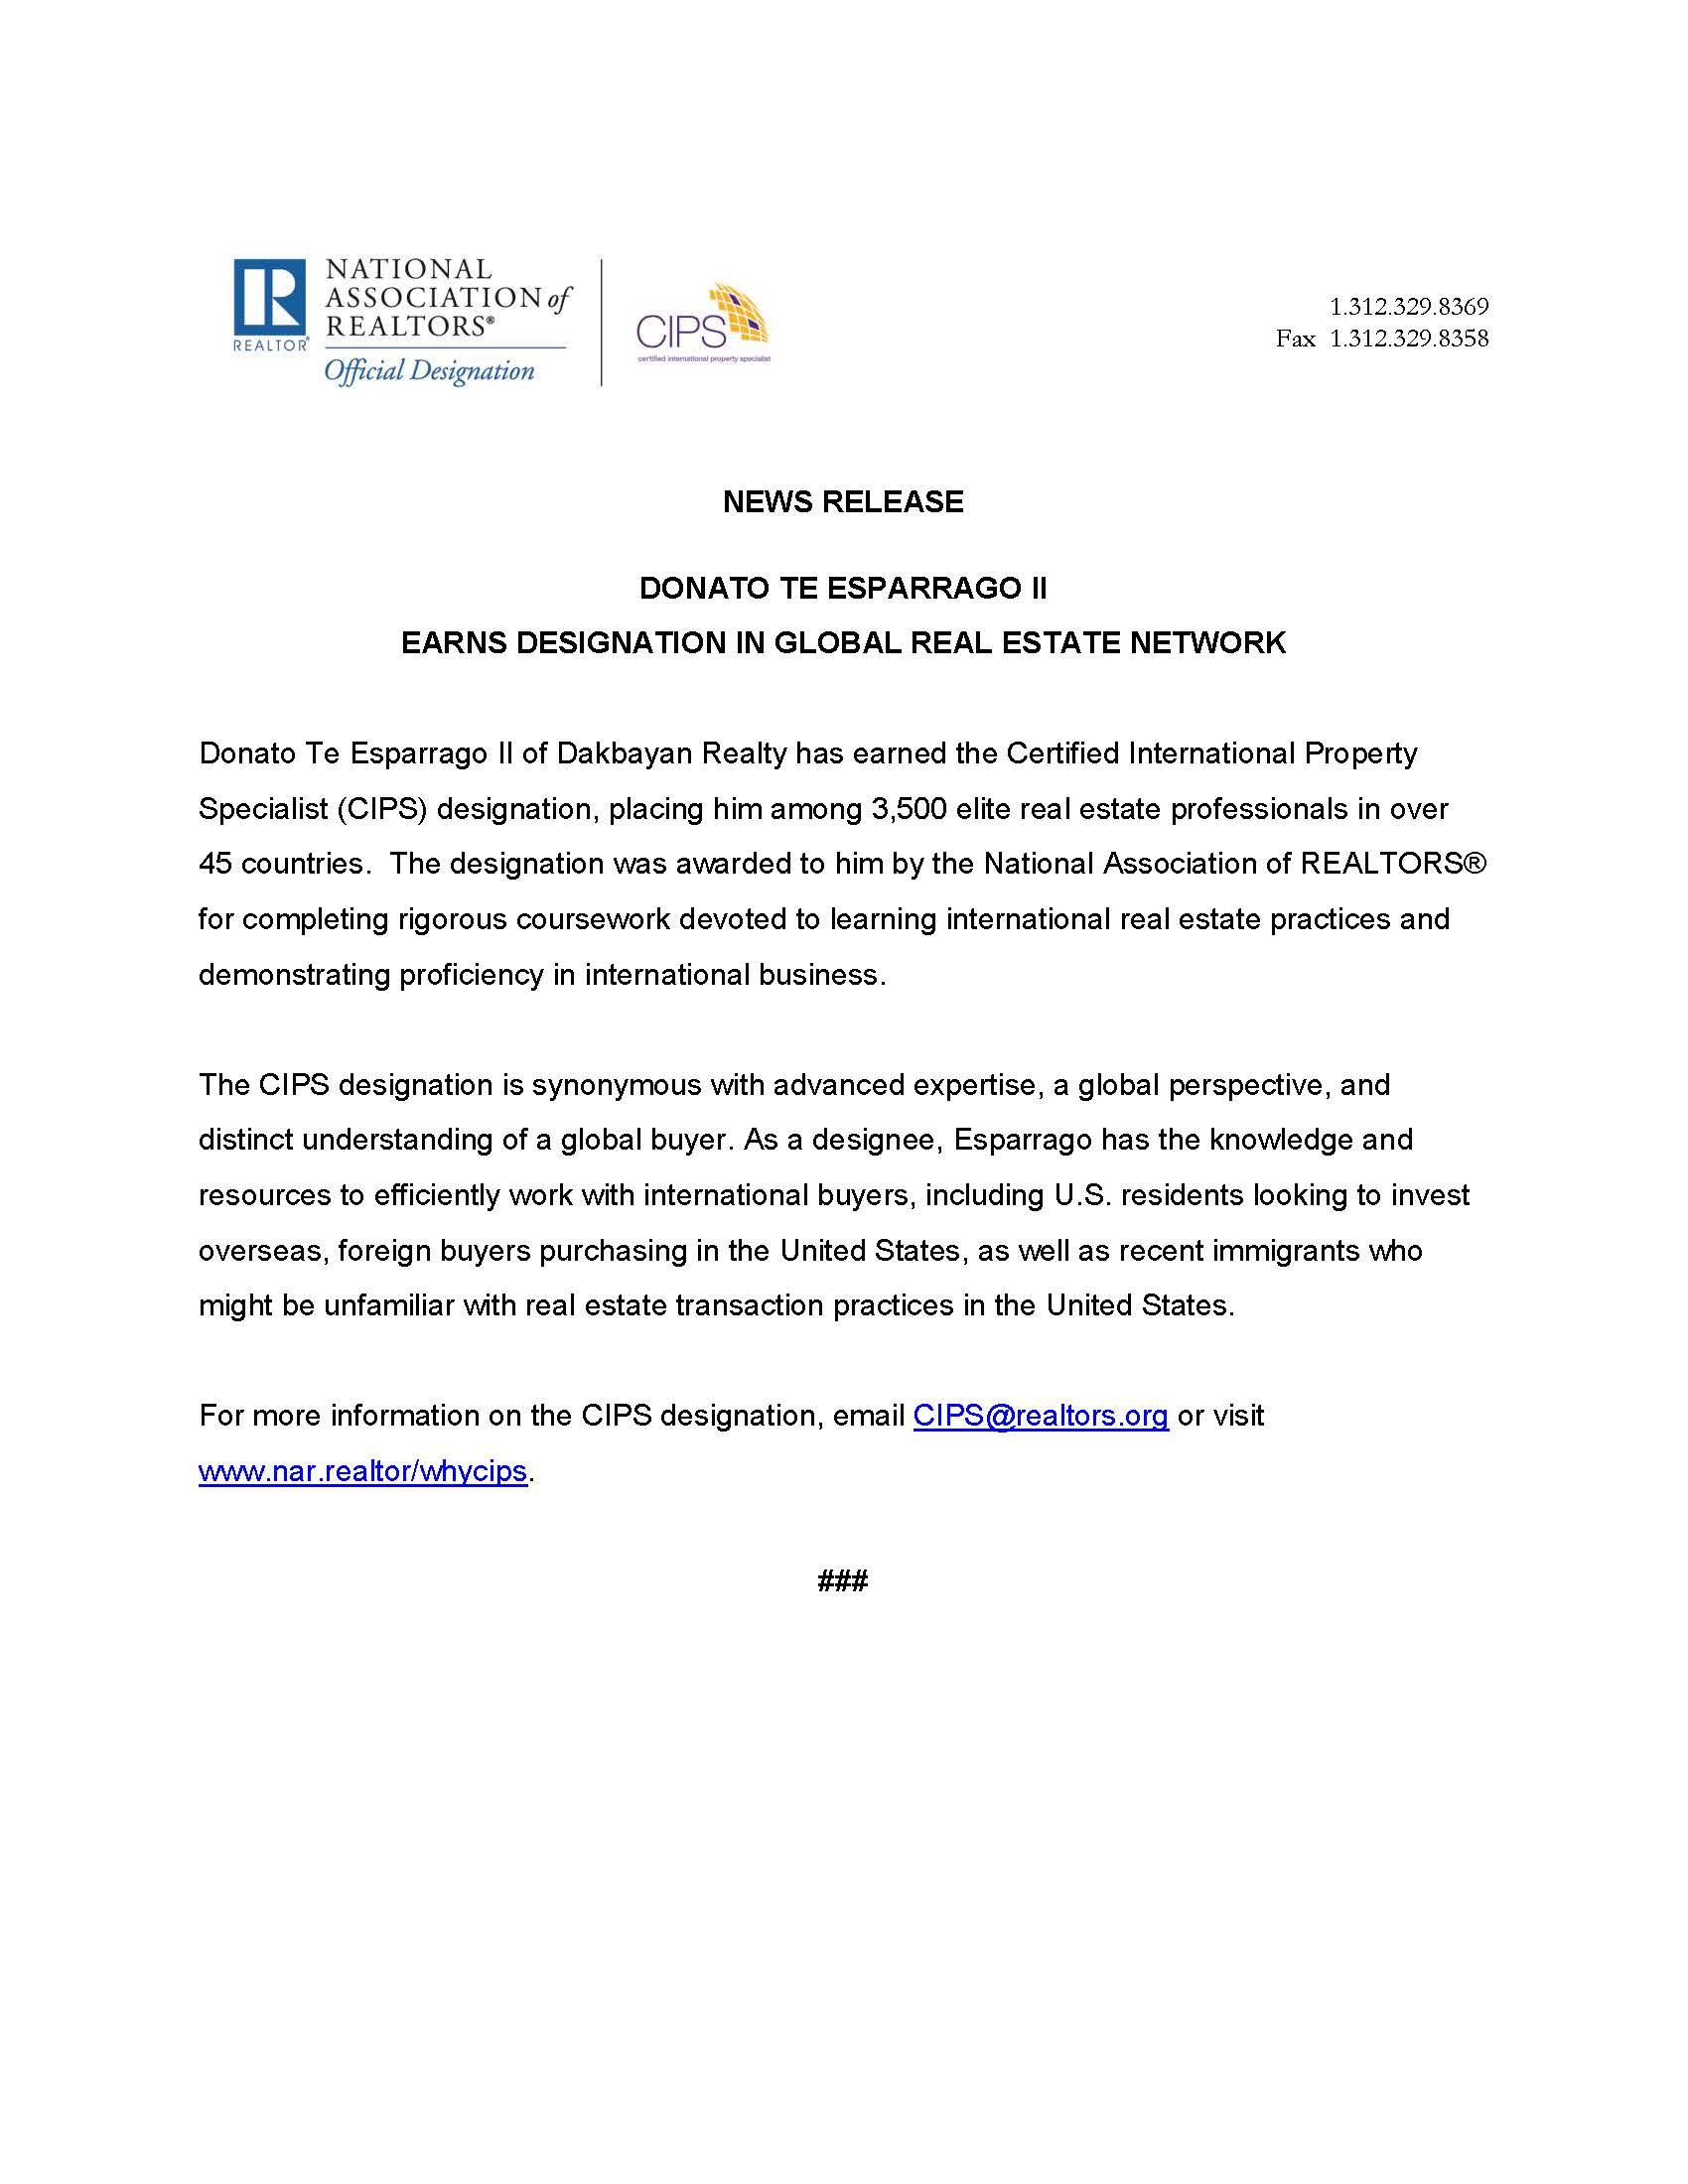 cips designation press release